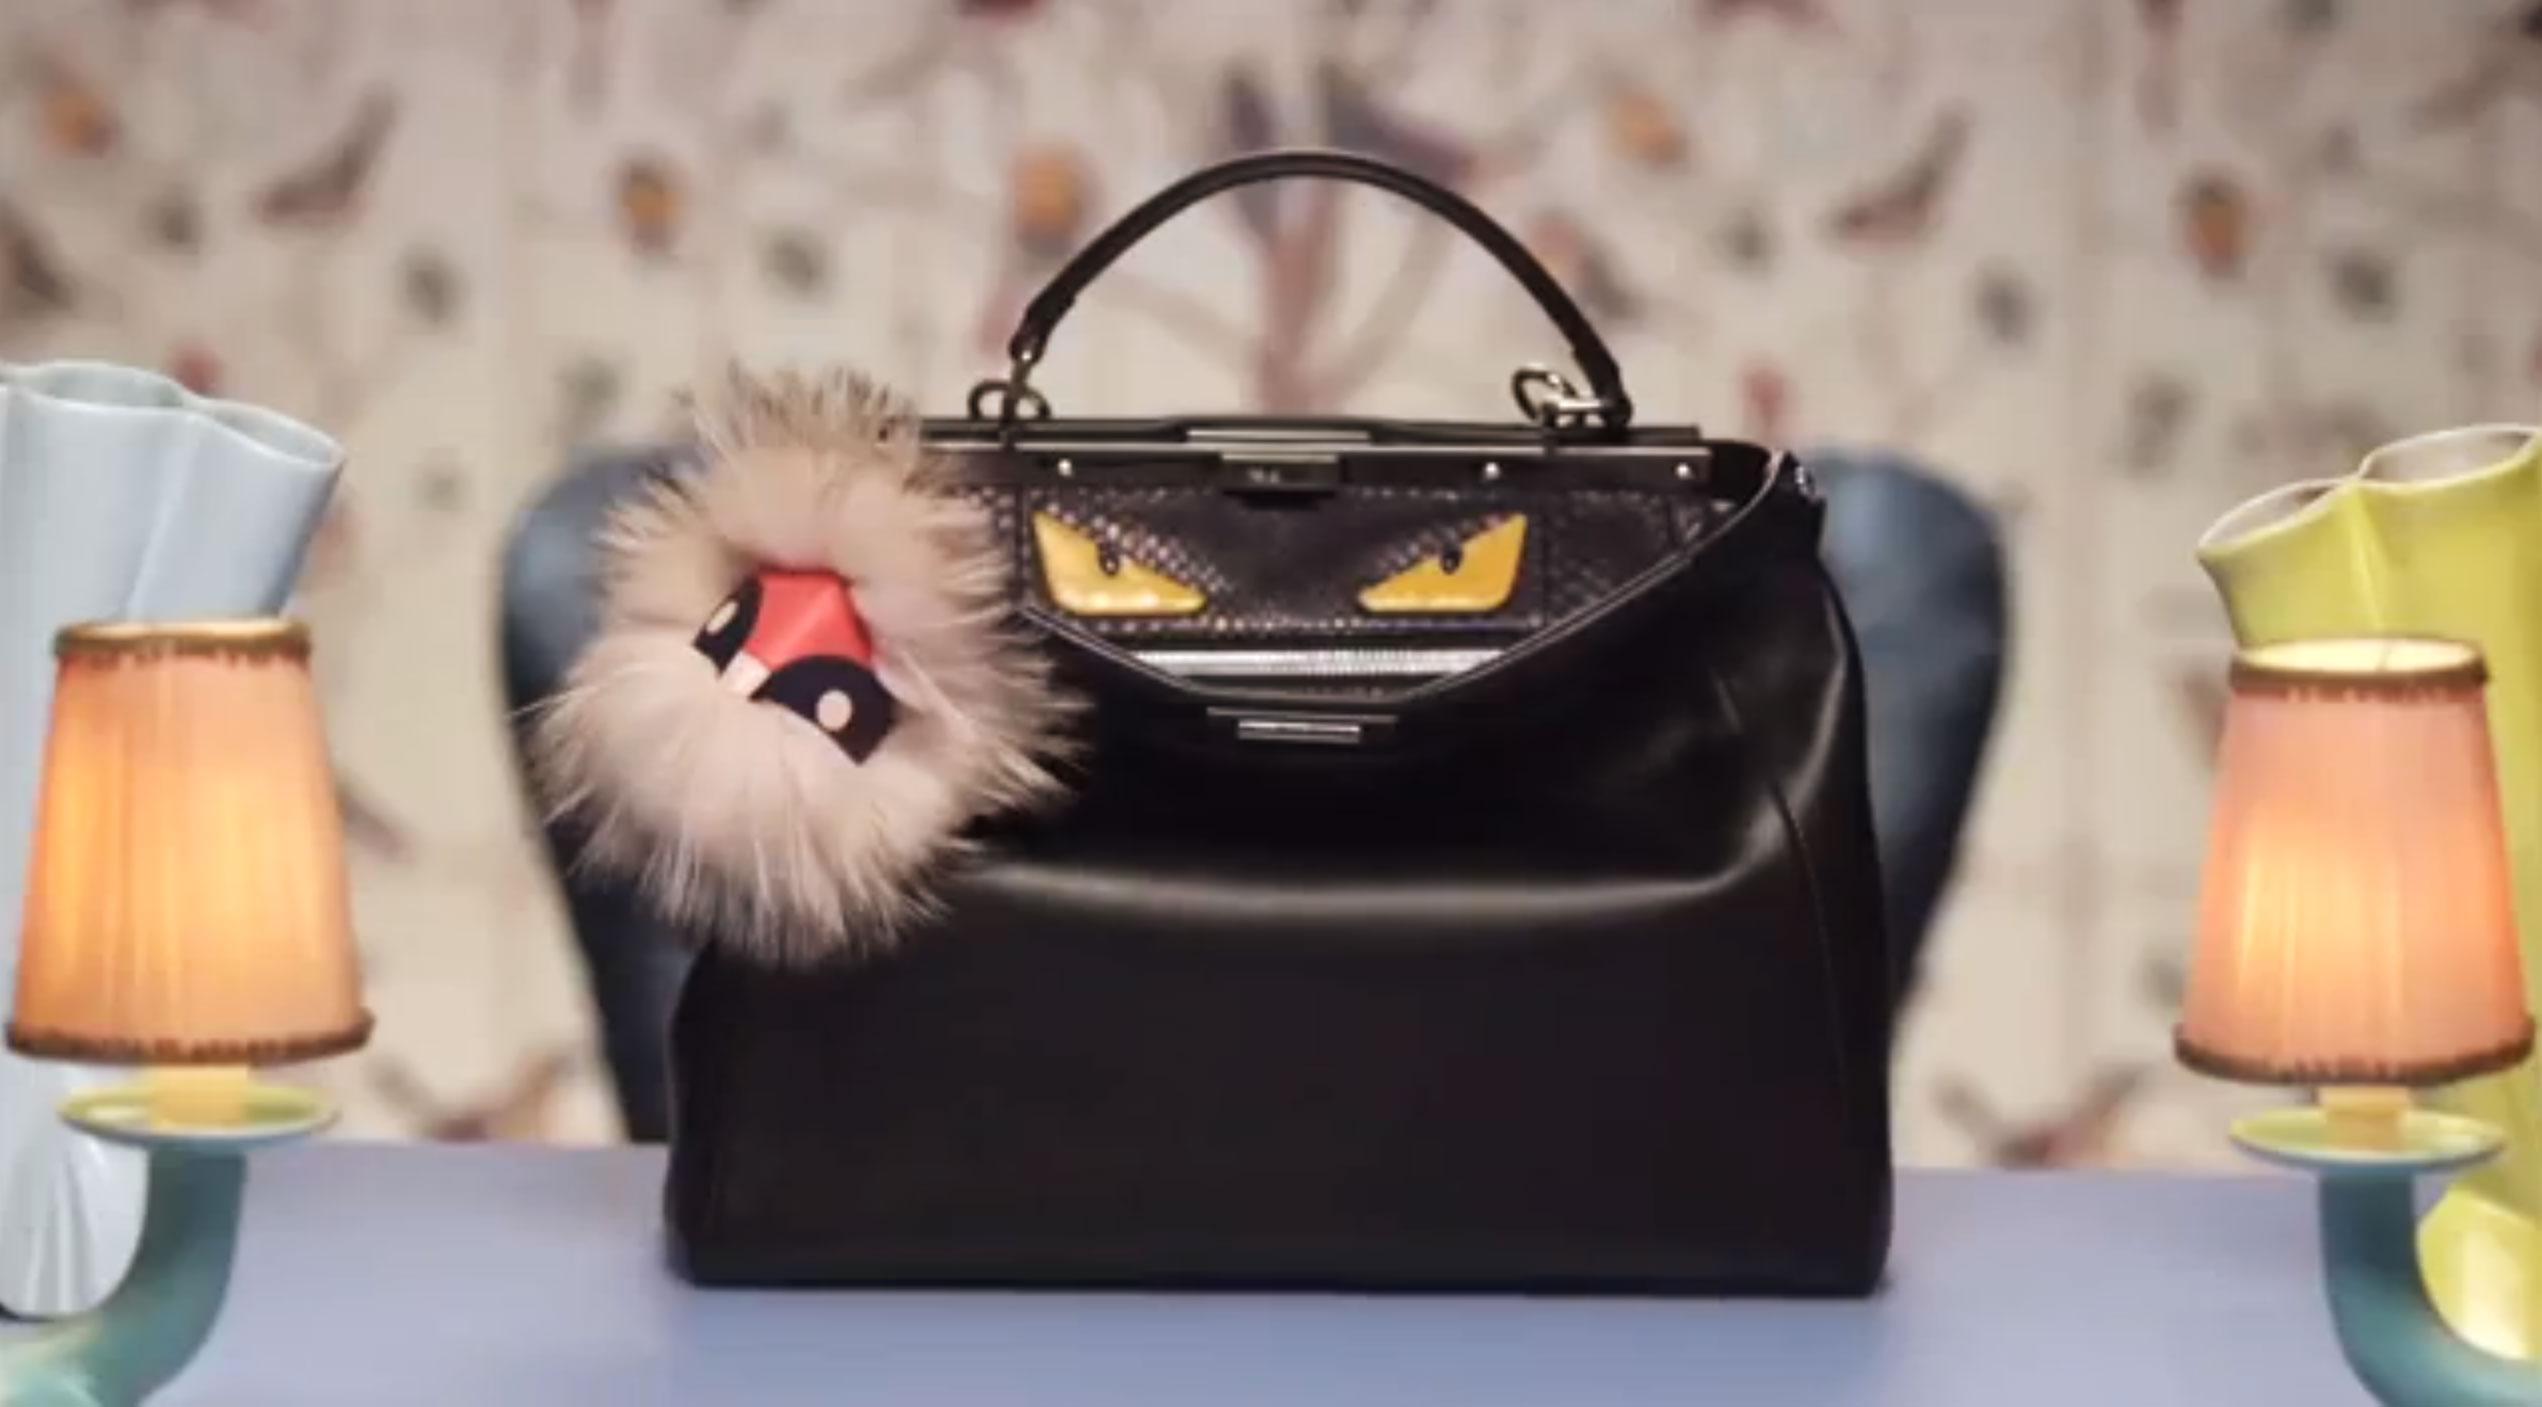 Sai riconoscere una borsa Fendi originale da un falso? [TEST]